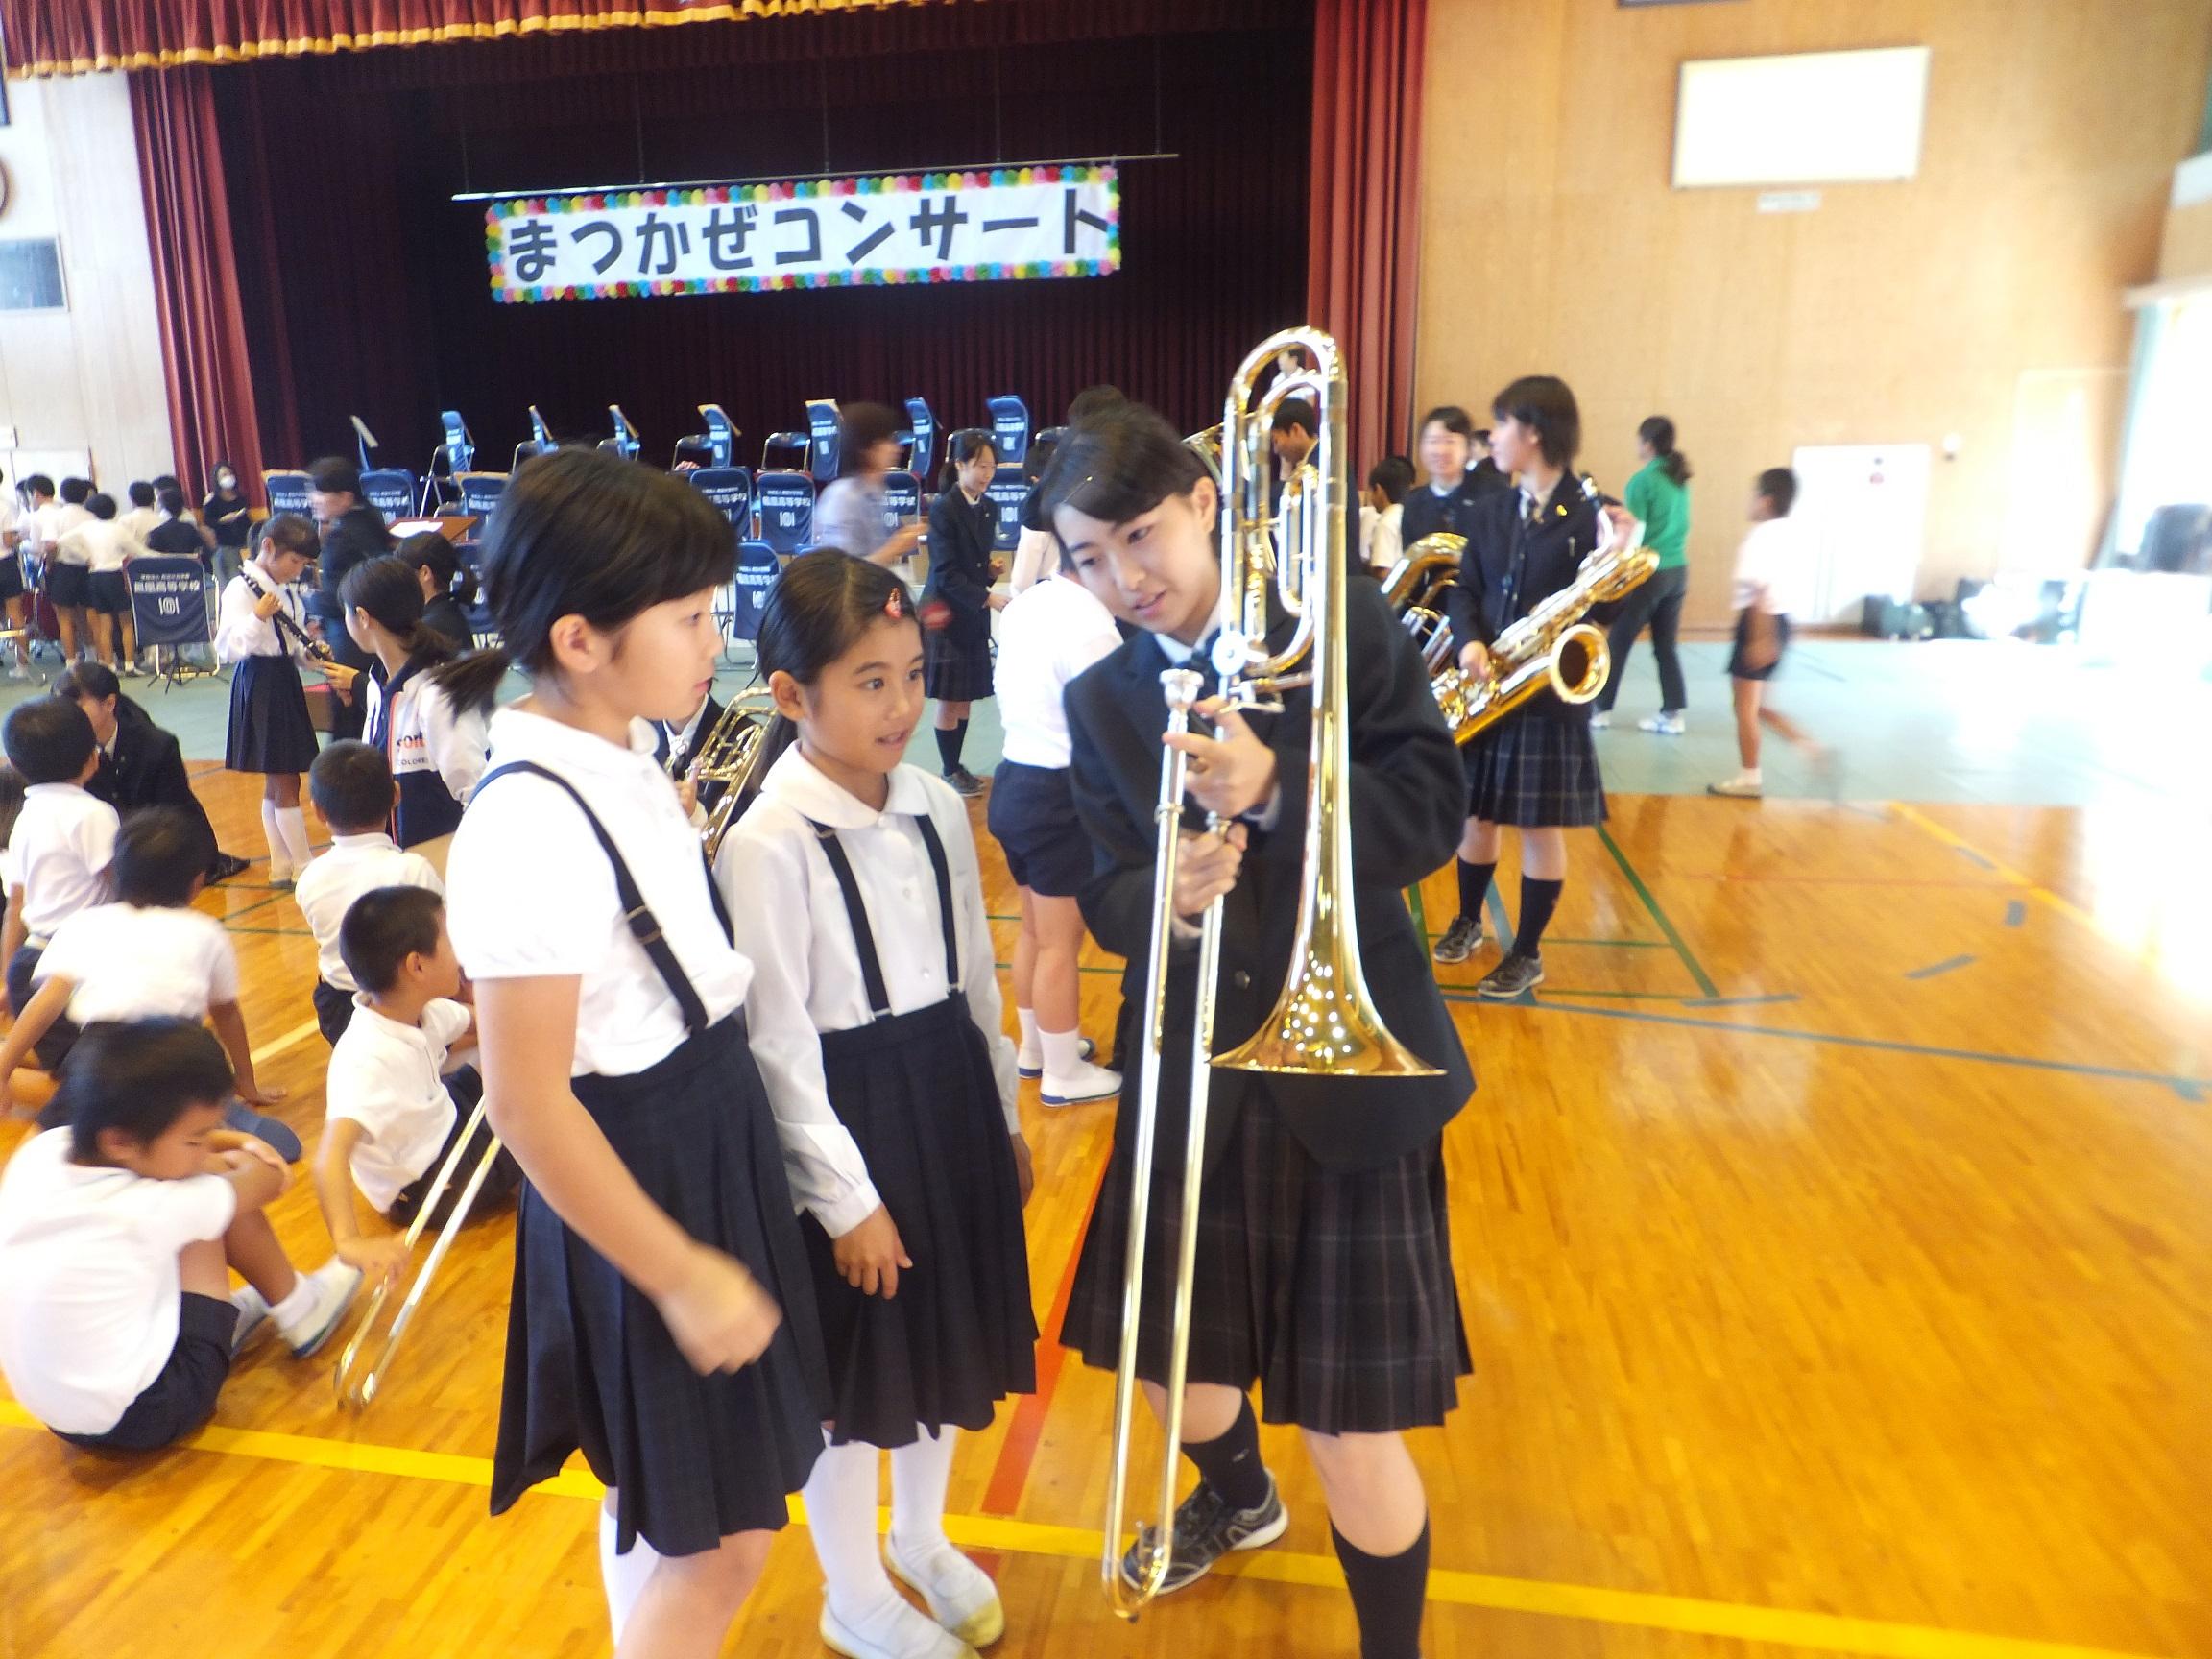 10/31 吹奏楽部 小学校訪問11月行事予定2学期行事予定